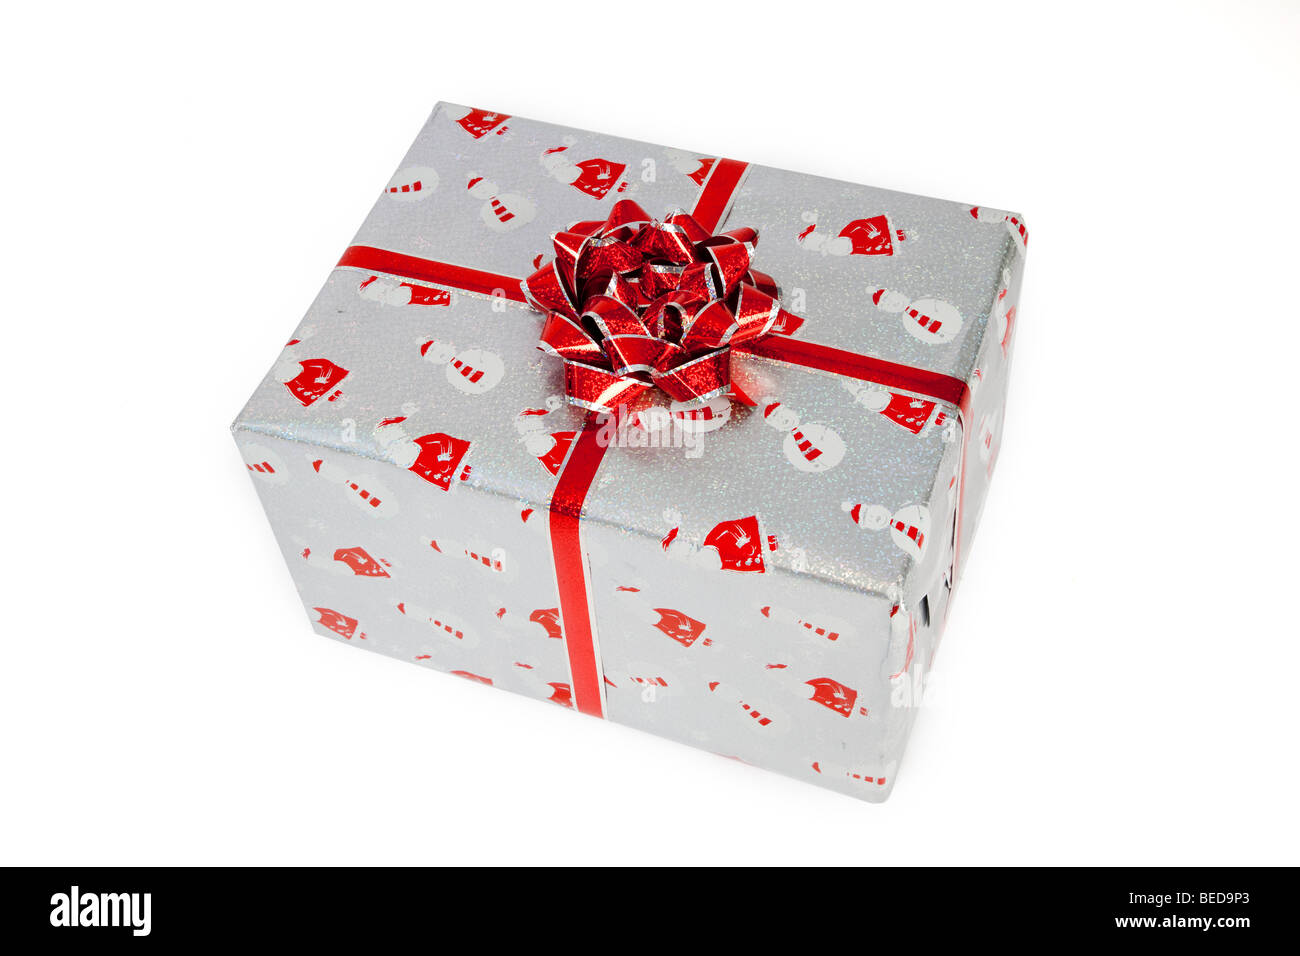 Regalo de navidad, envueltos con un lazo rojo y santa y el muñeco de nieve de papel Imagen De Stock